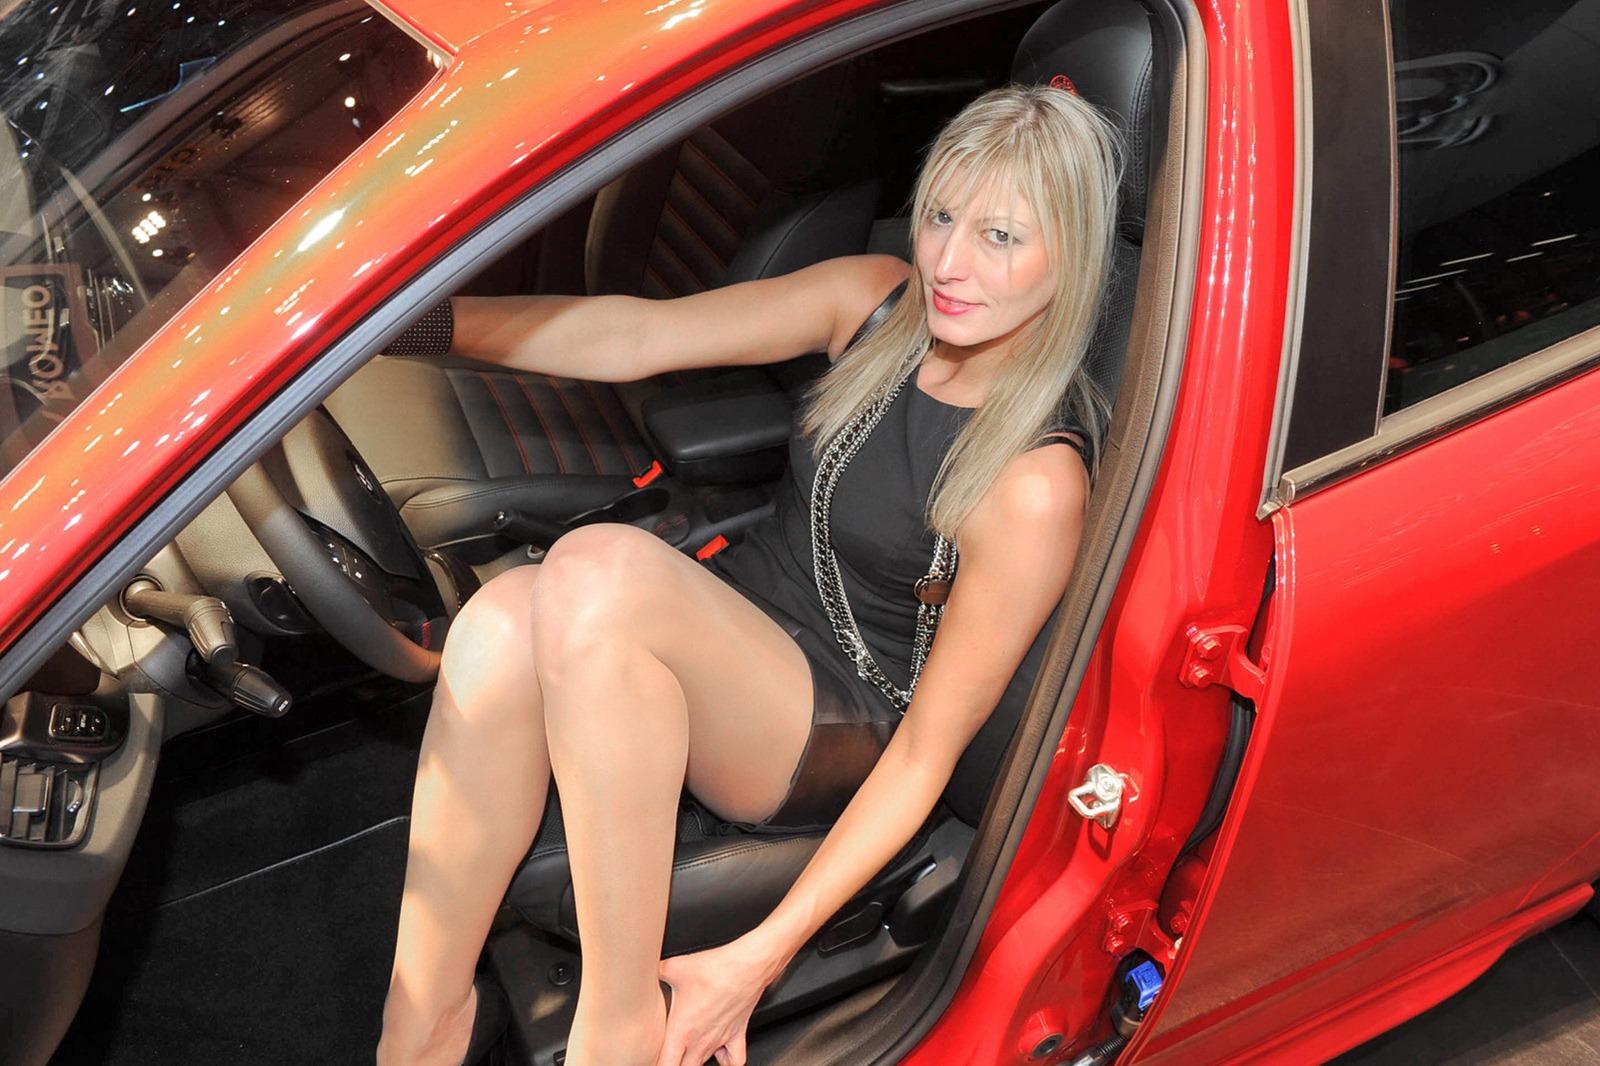 Эротика на автовыставке, Эротические фото девушек с авто выставок 7 фотография